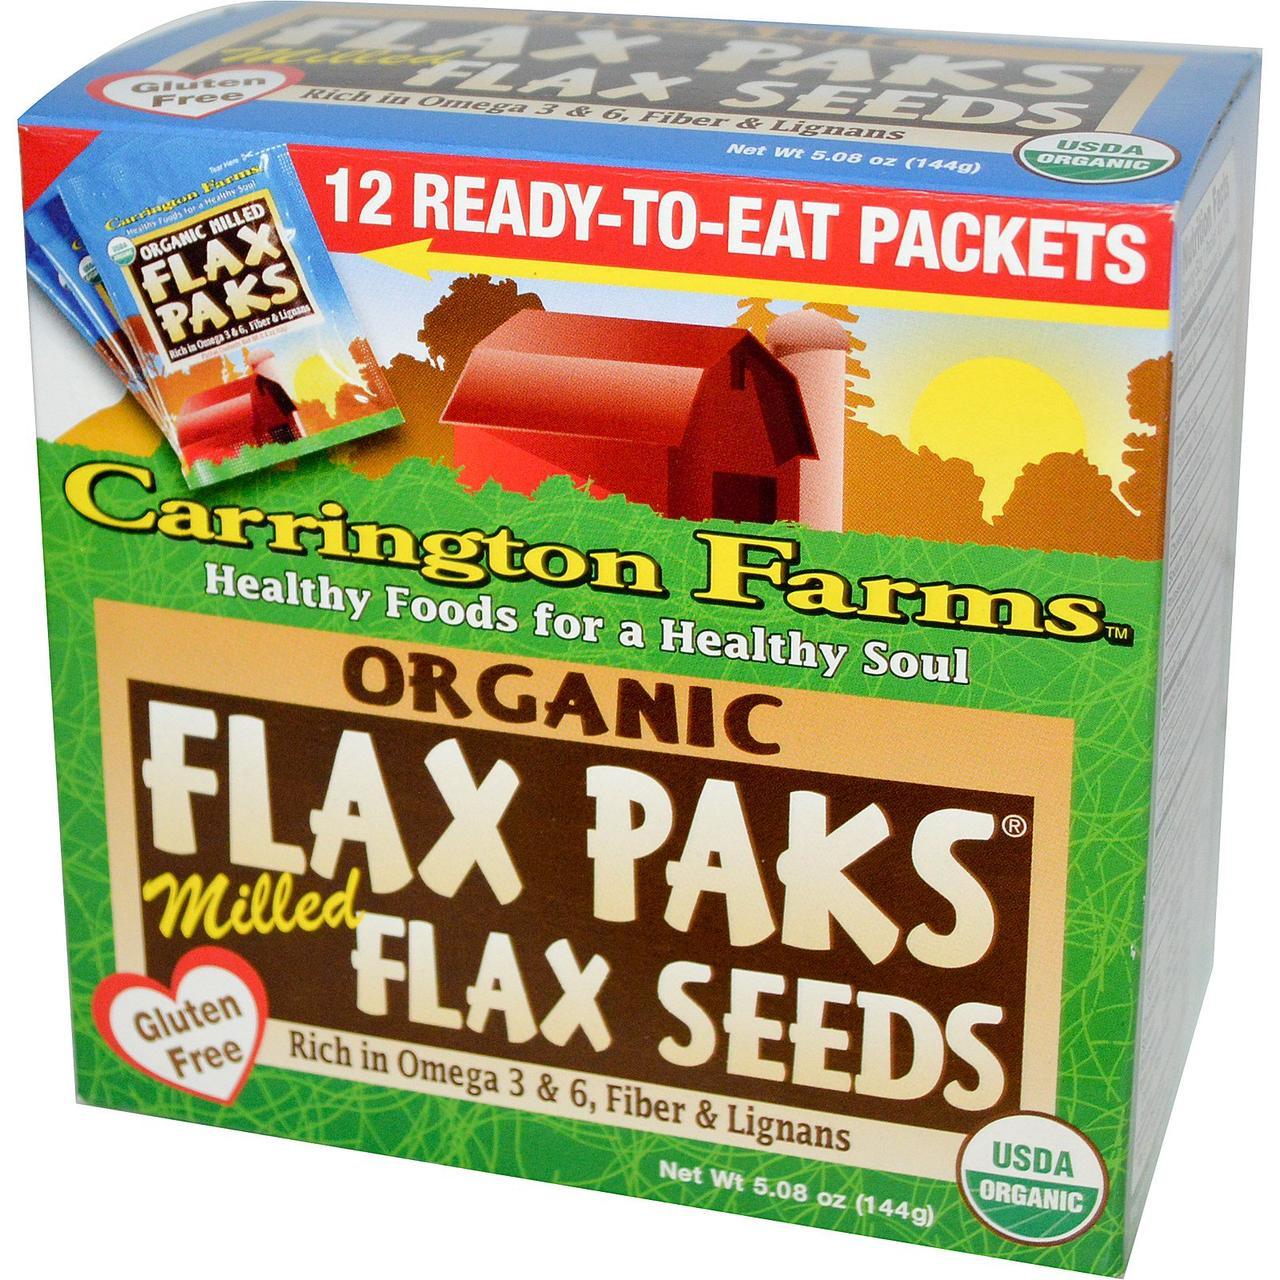 Carrington Farms, Органические льняные пакеты, фрезерованные семена льна, 12 упаковок, 12 г (0,4 унции) каждая